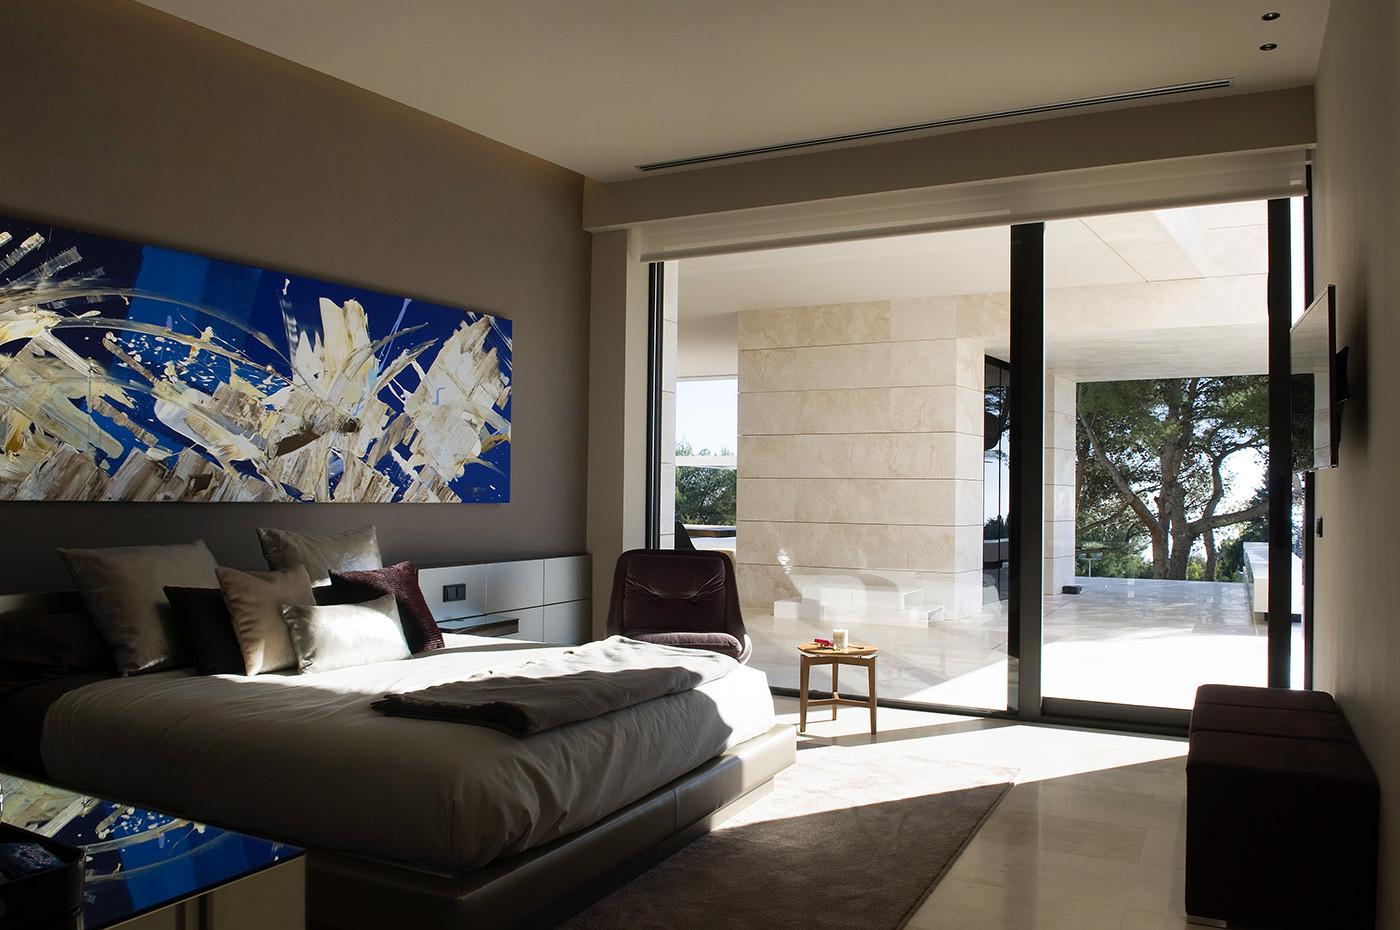 1127 - Espectacular, imponente y lujosa casa de diseño en Puerto Banús (Marbella, Costa del Sol)